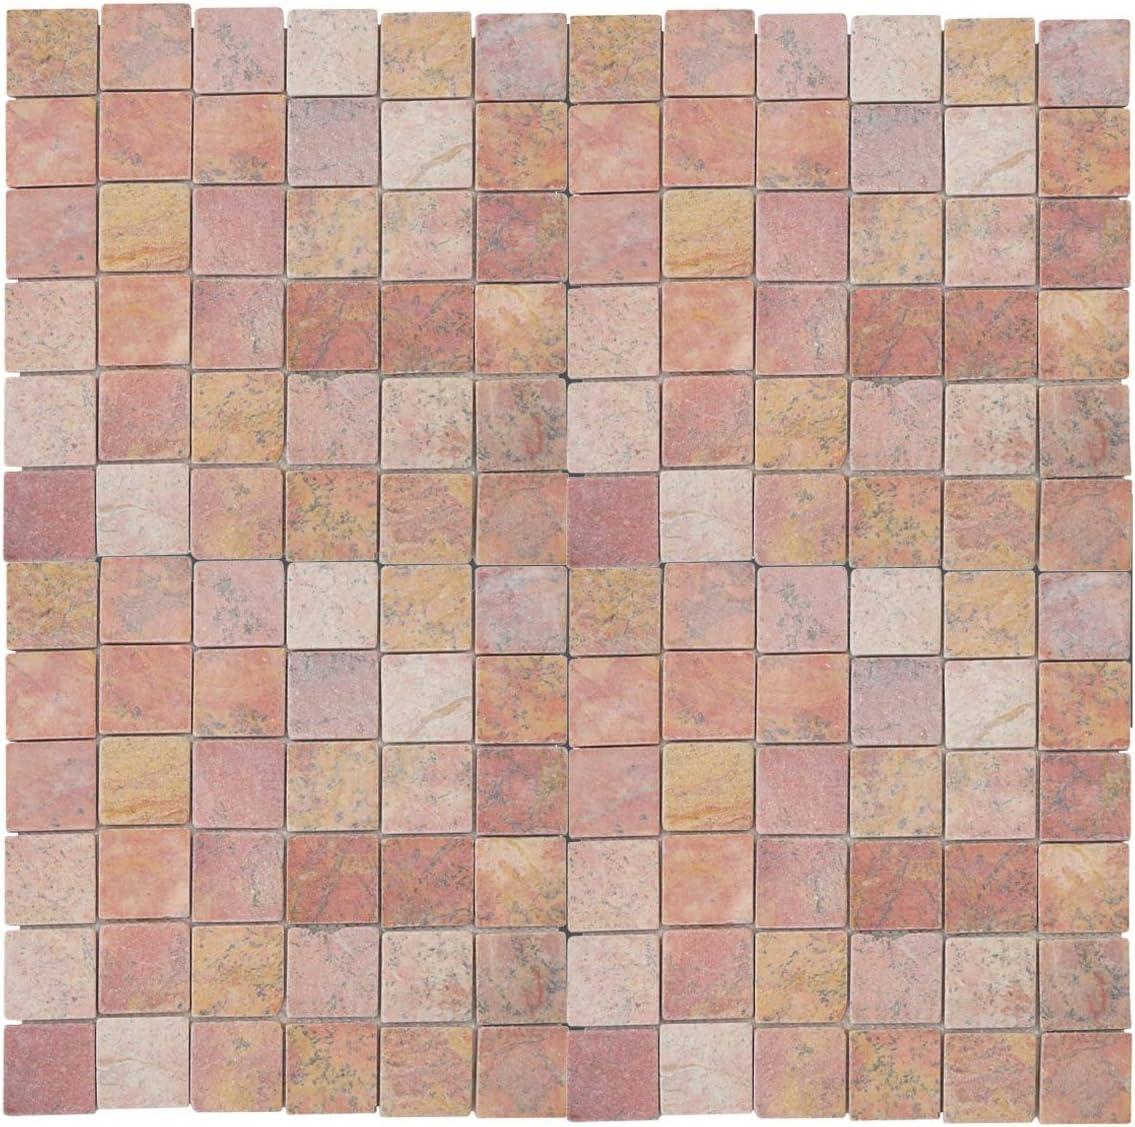 marbre quadratins 11 pi/èces /à 30x30cm = 1m/² ~ Terre Cuite Mendler Carrelage Vigo T688 Pierre Naturelle mosaique